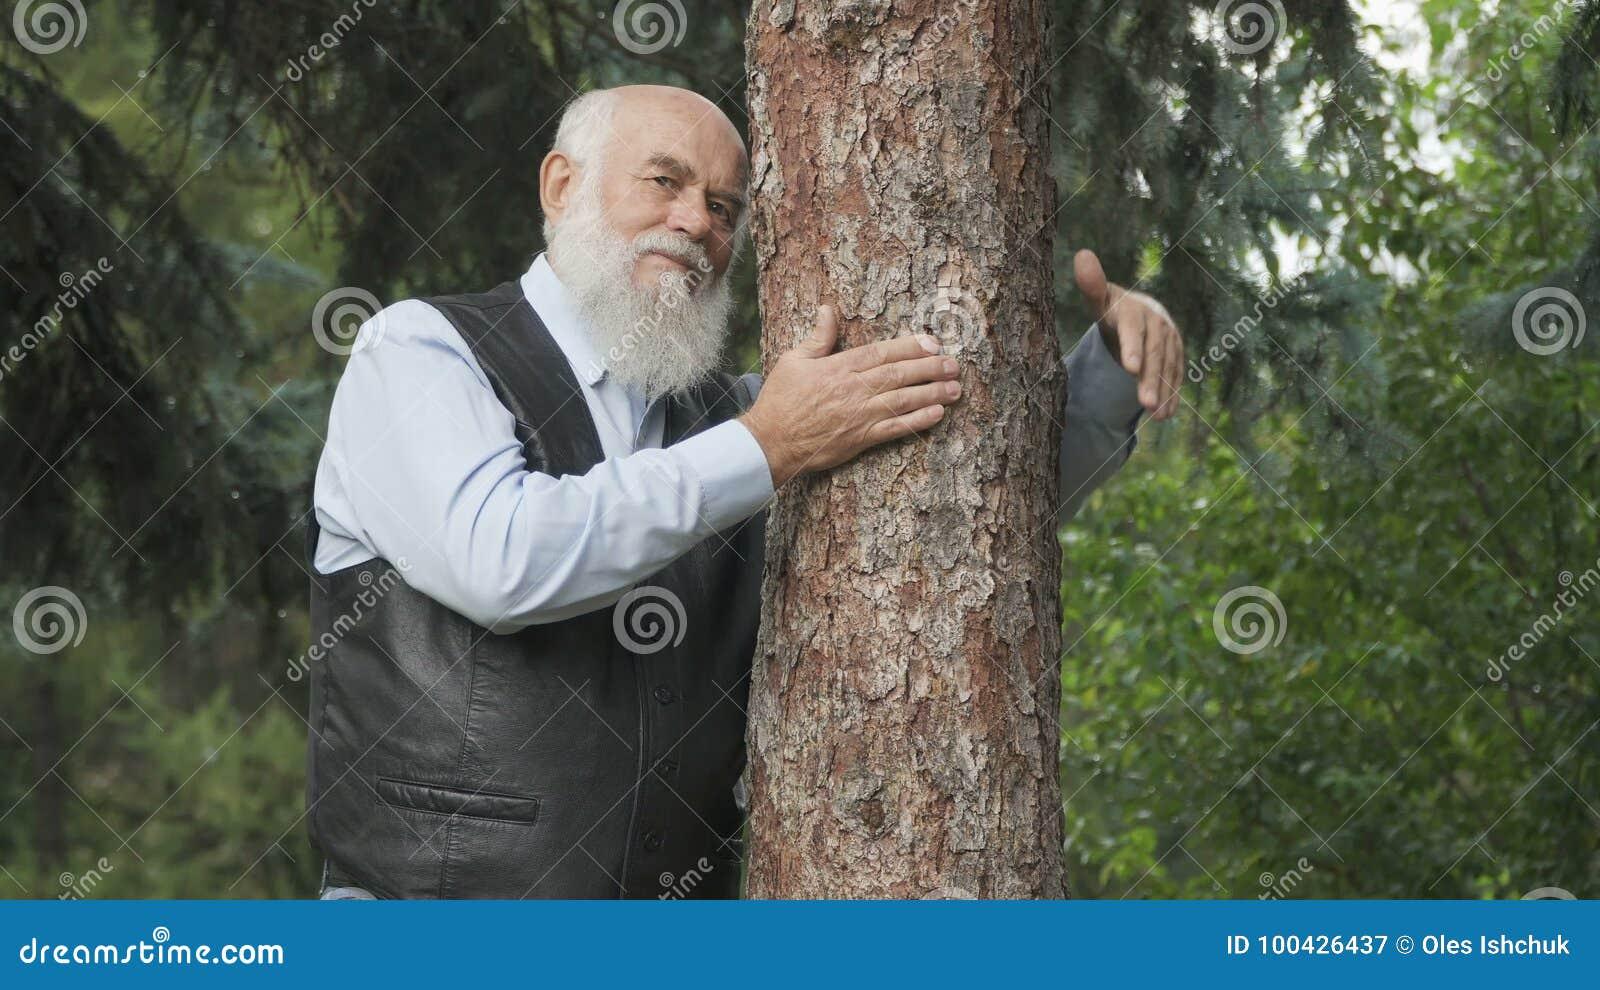 дерево картинка обнимает человек